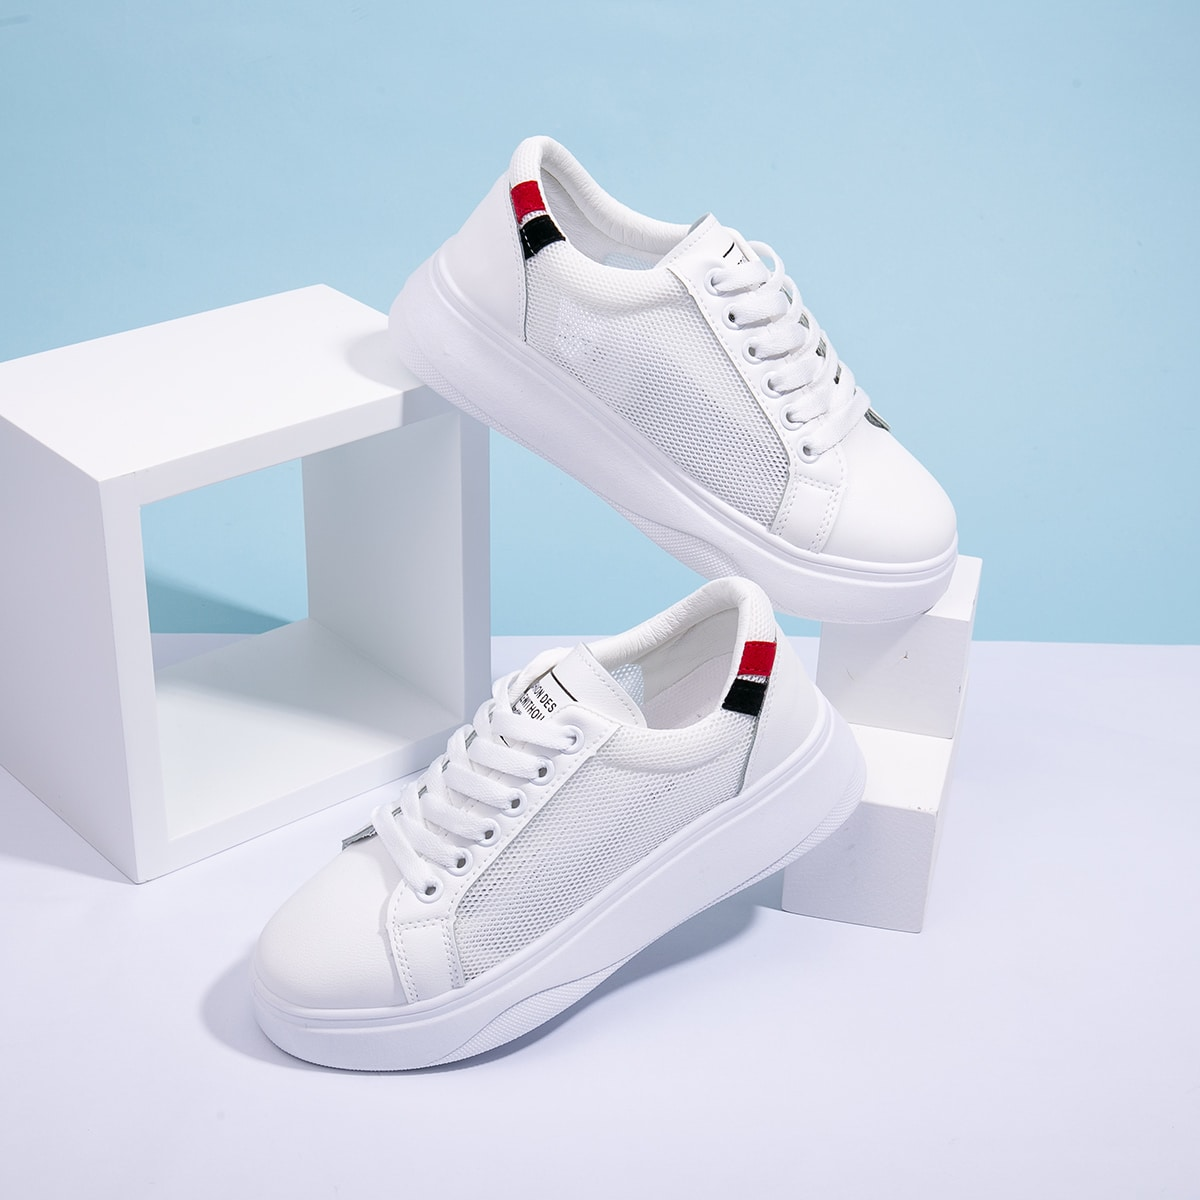 Дышащие туфли на шнурках фото